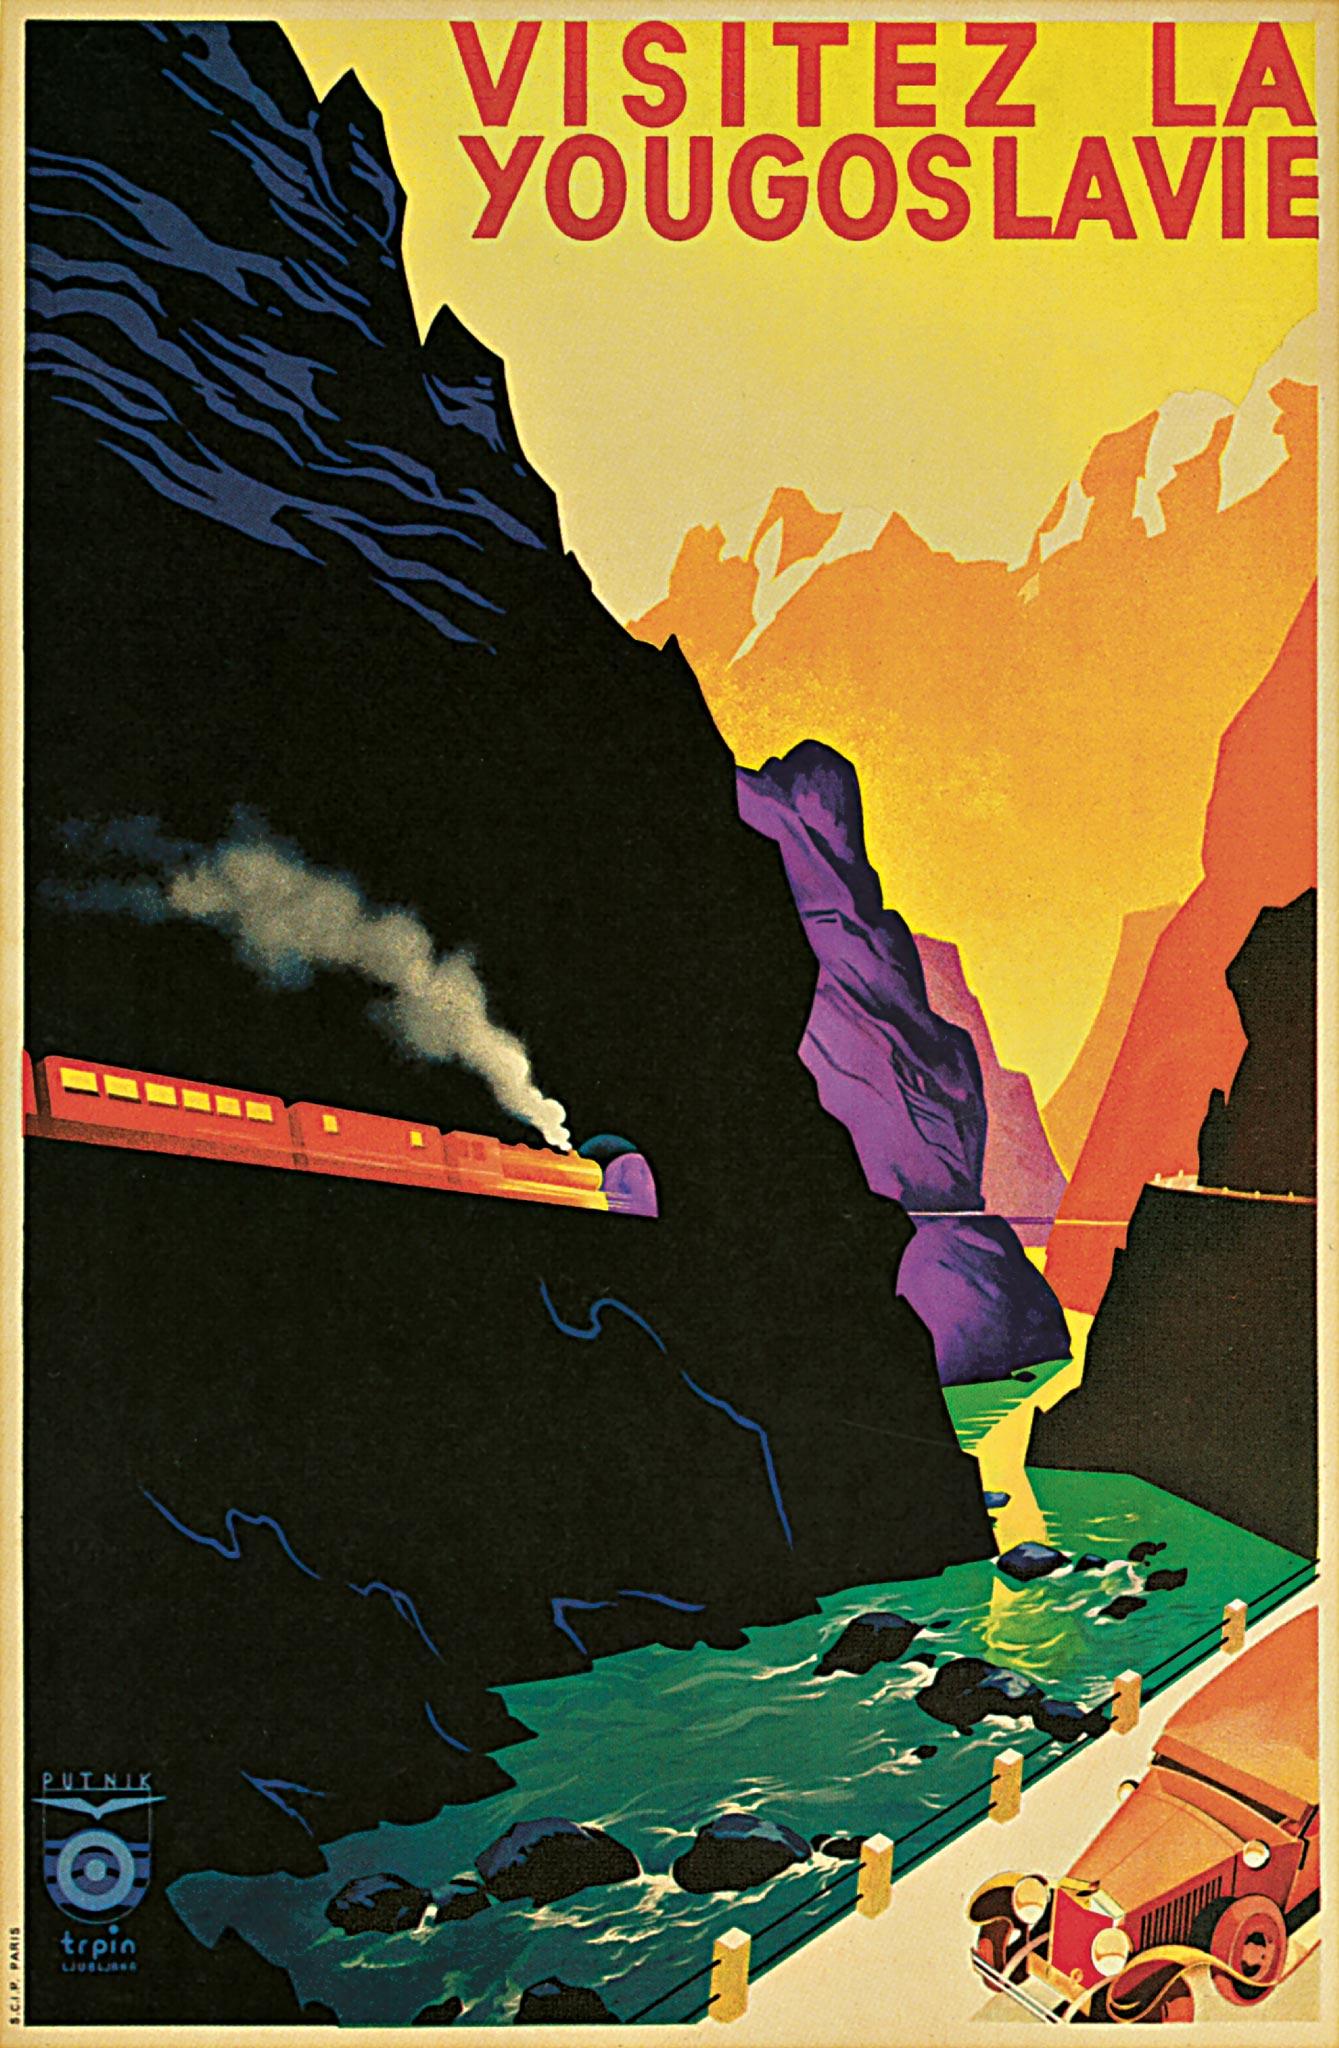 Toeristische poster uit de tijd van de Oriënt Express getekend door de Sloveense artiest Janez Trpin.